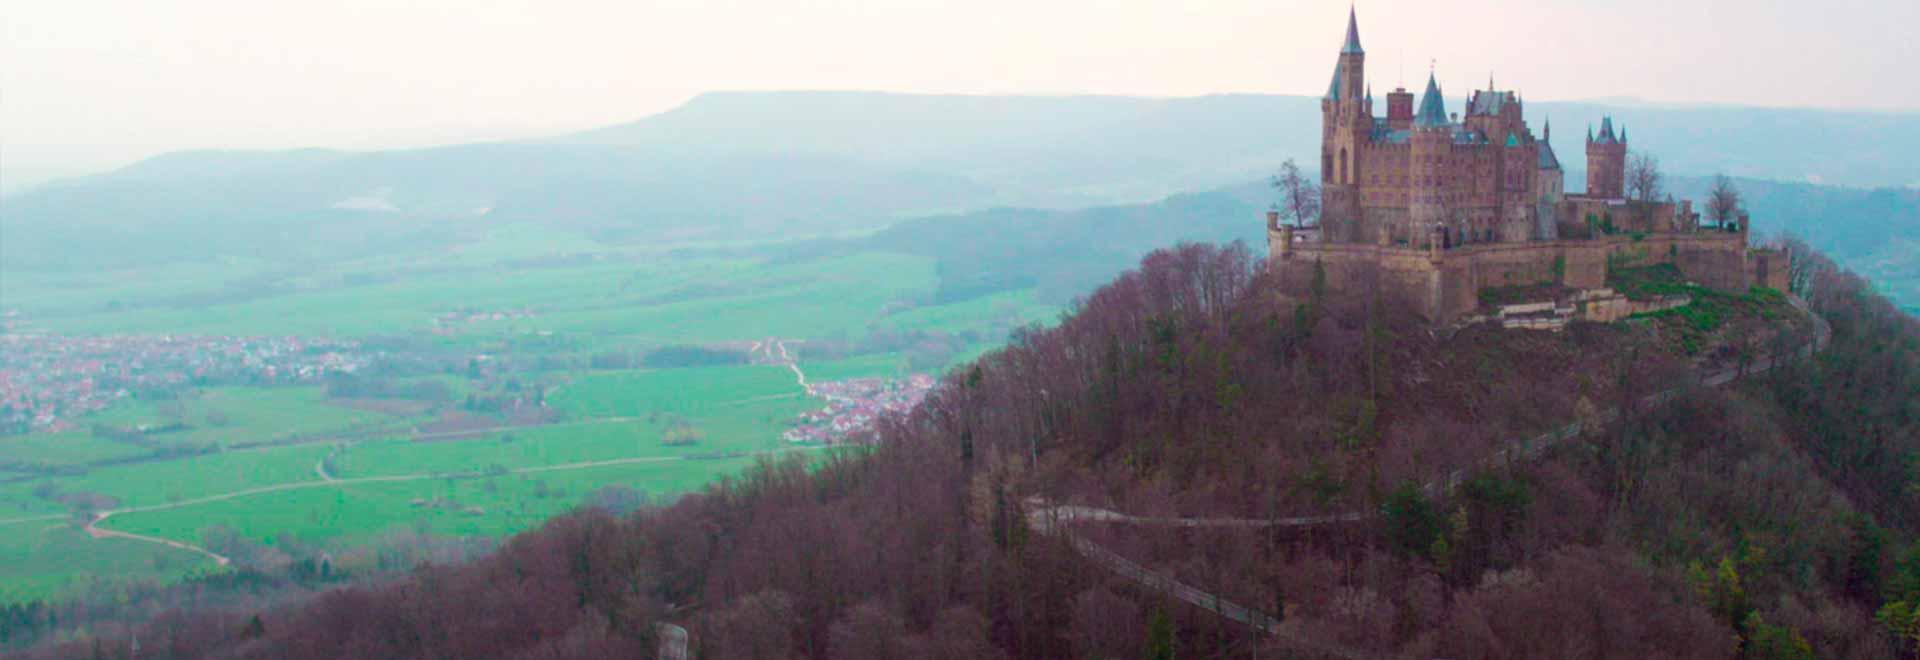 Europa: le meraviglie dall'alto